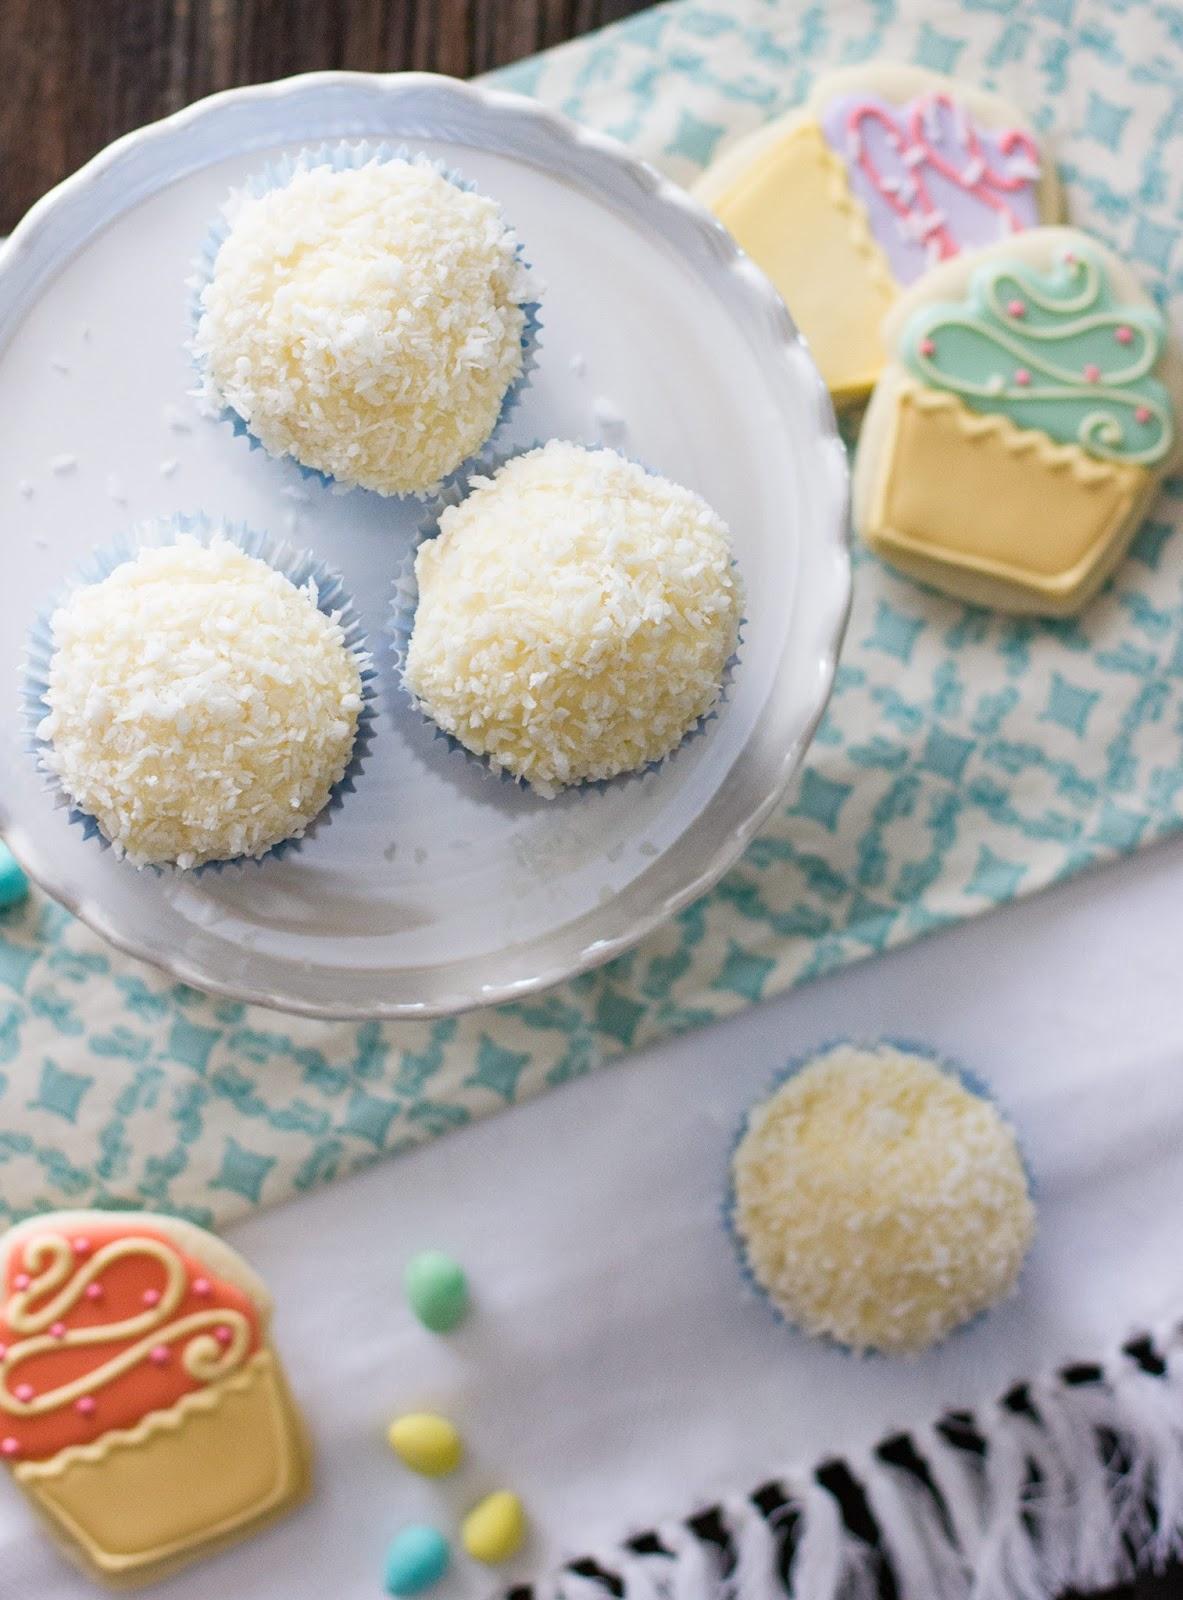 Coconut-Bunny-Tail-Vanilla-cupcakes